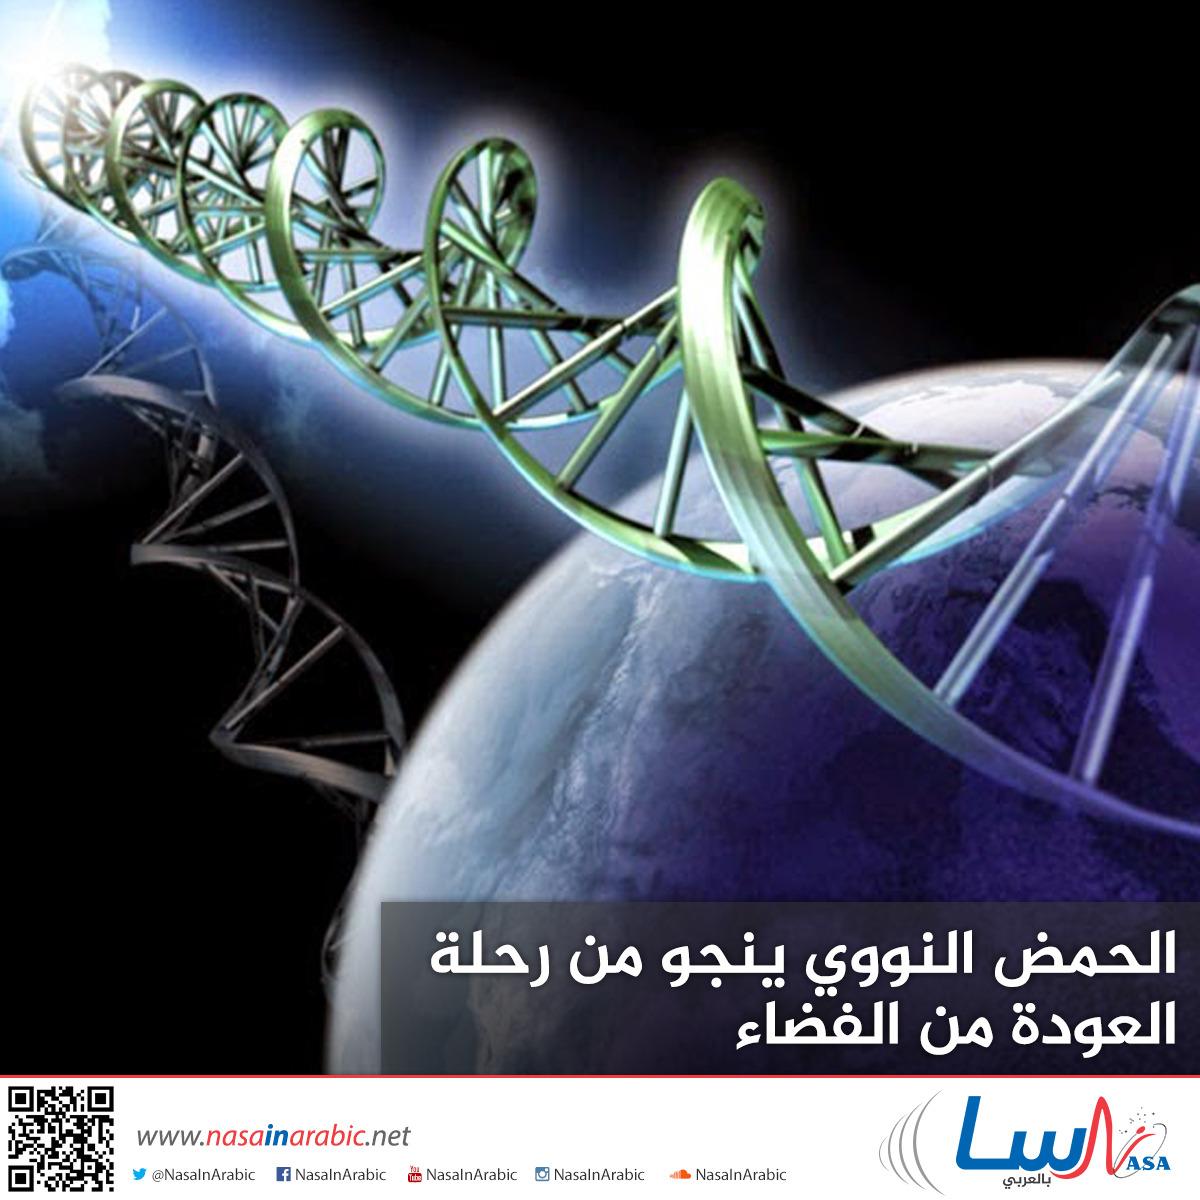 الحمض النووي ينجو من رحلة العودة من الفضاء